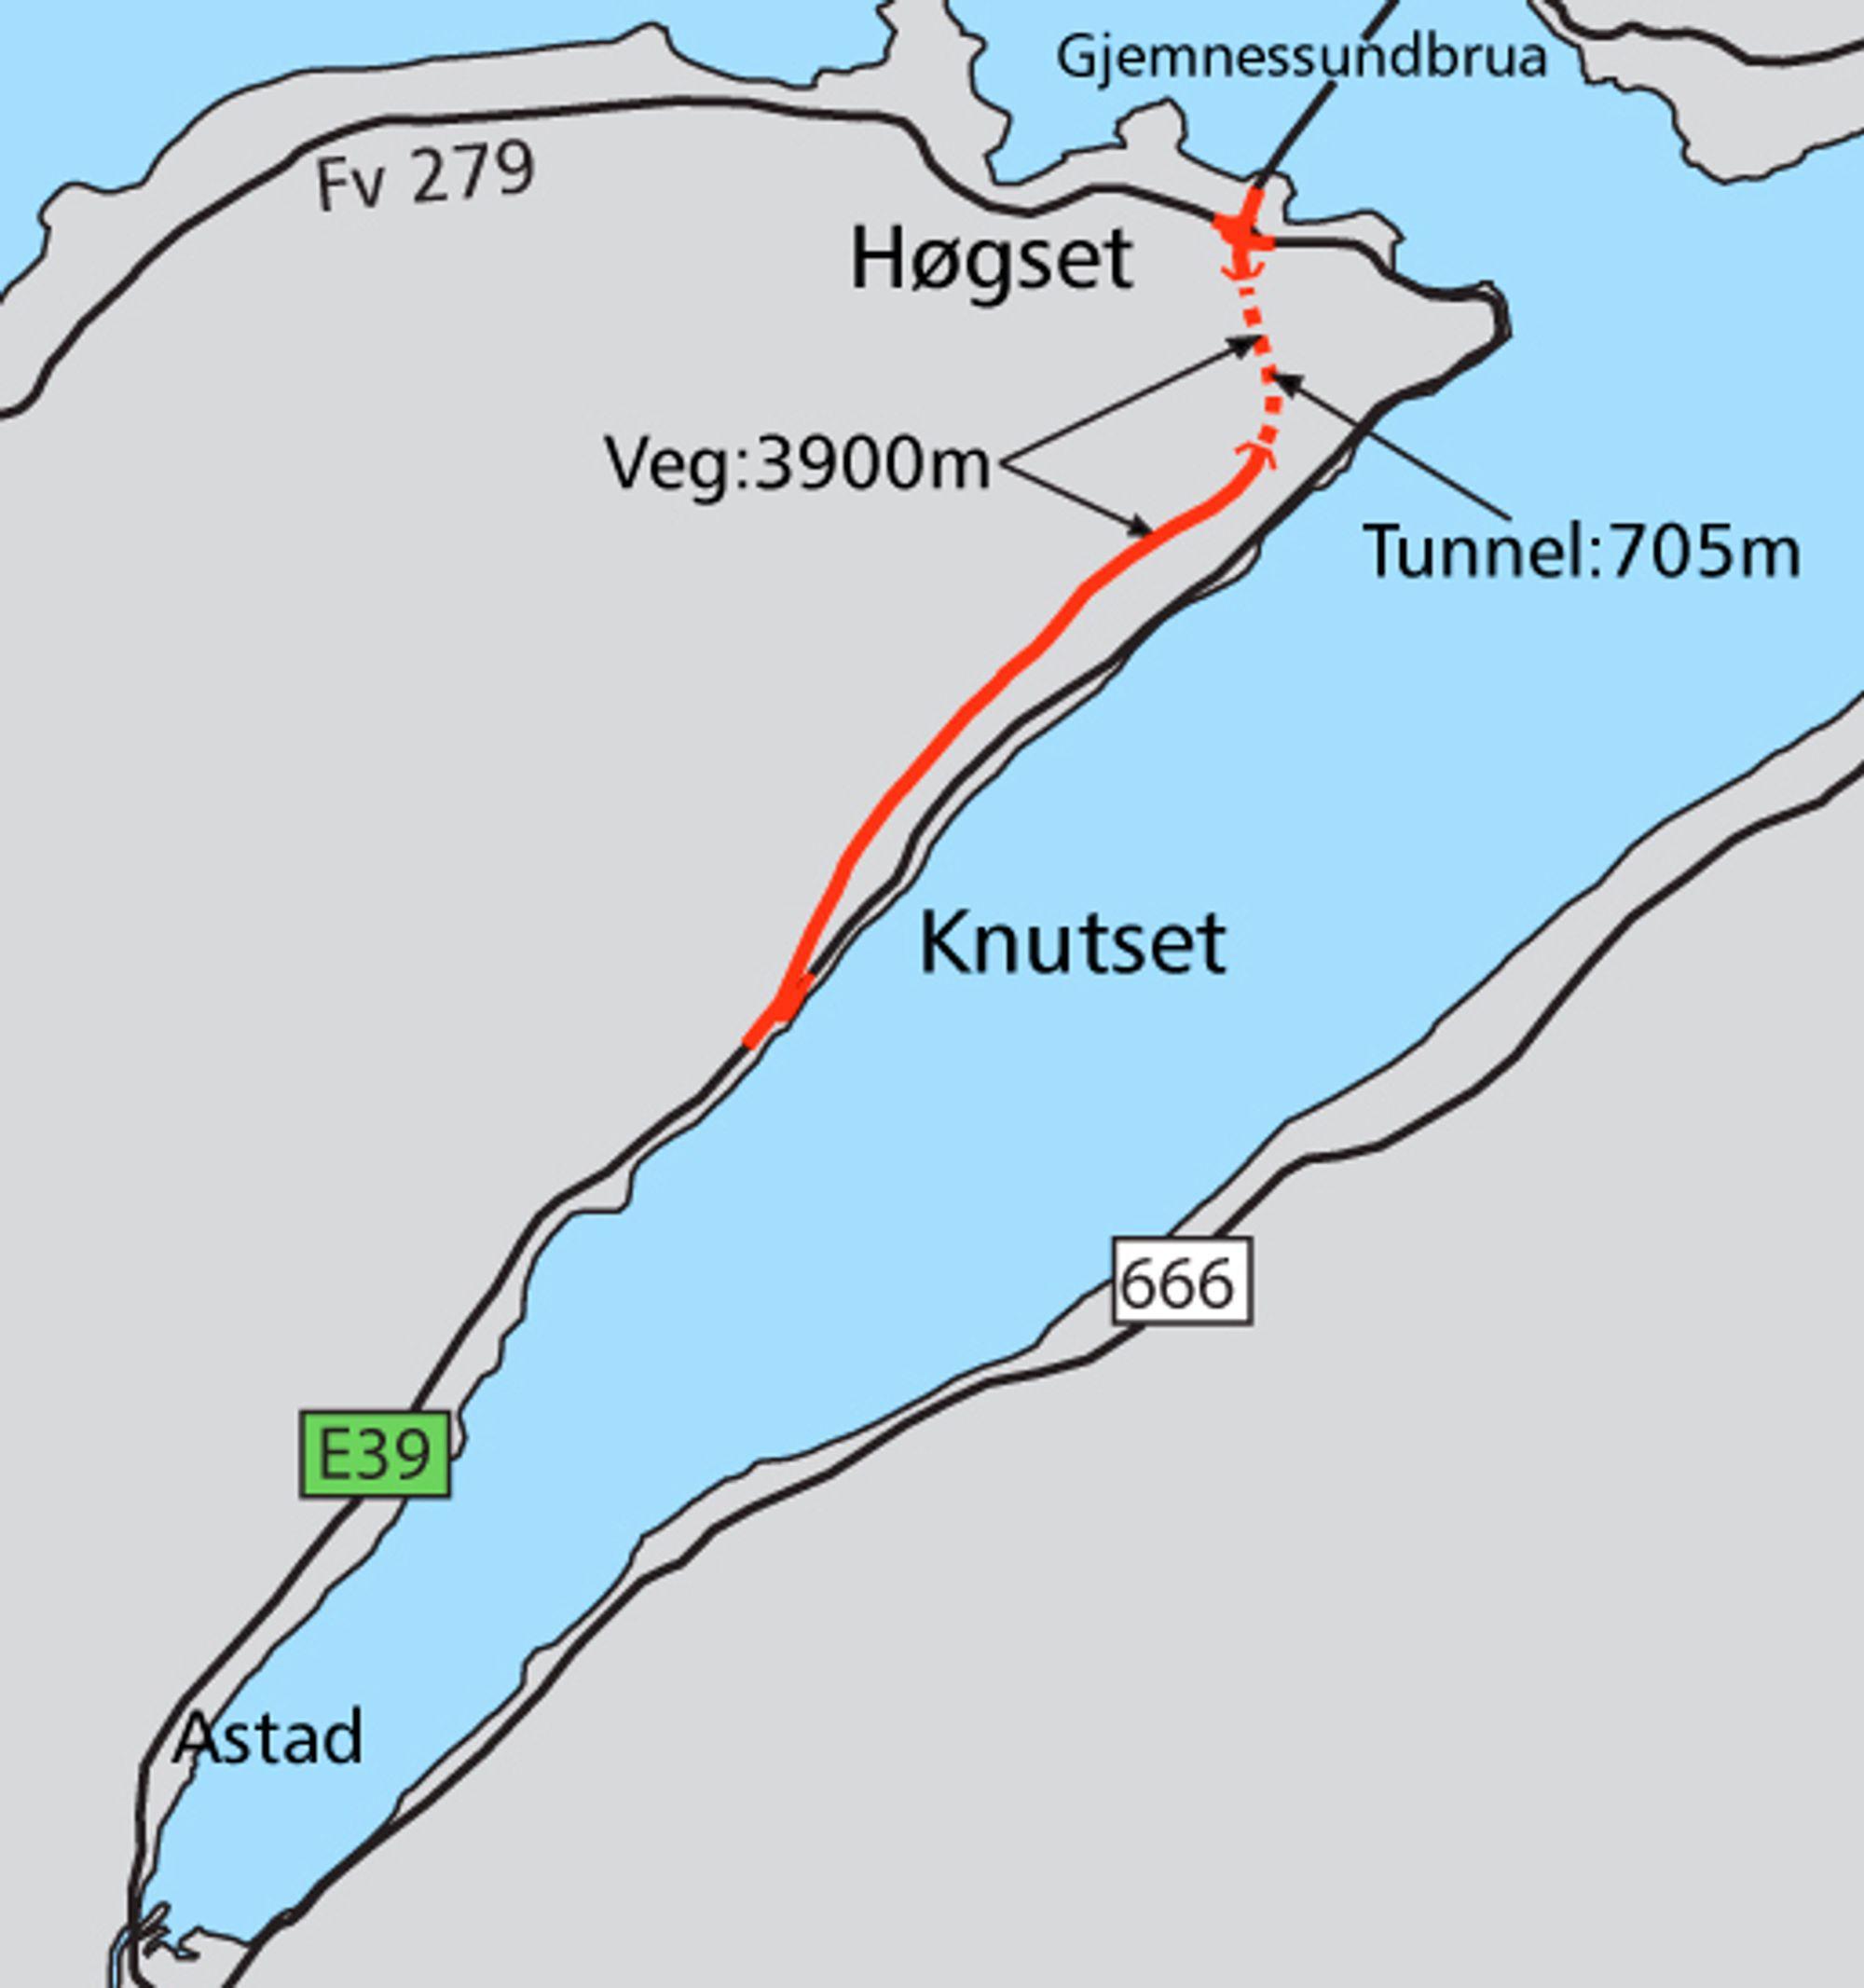 Dette kartet er basert på den opprinnelige planen for delprosjektet. Hvis Stortinget vedtar forlengelse, vil den røde linjen som markerer ny E 39, bli forlenget sørover.